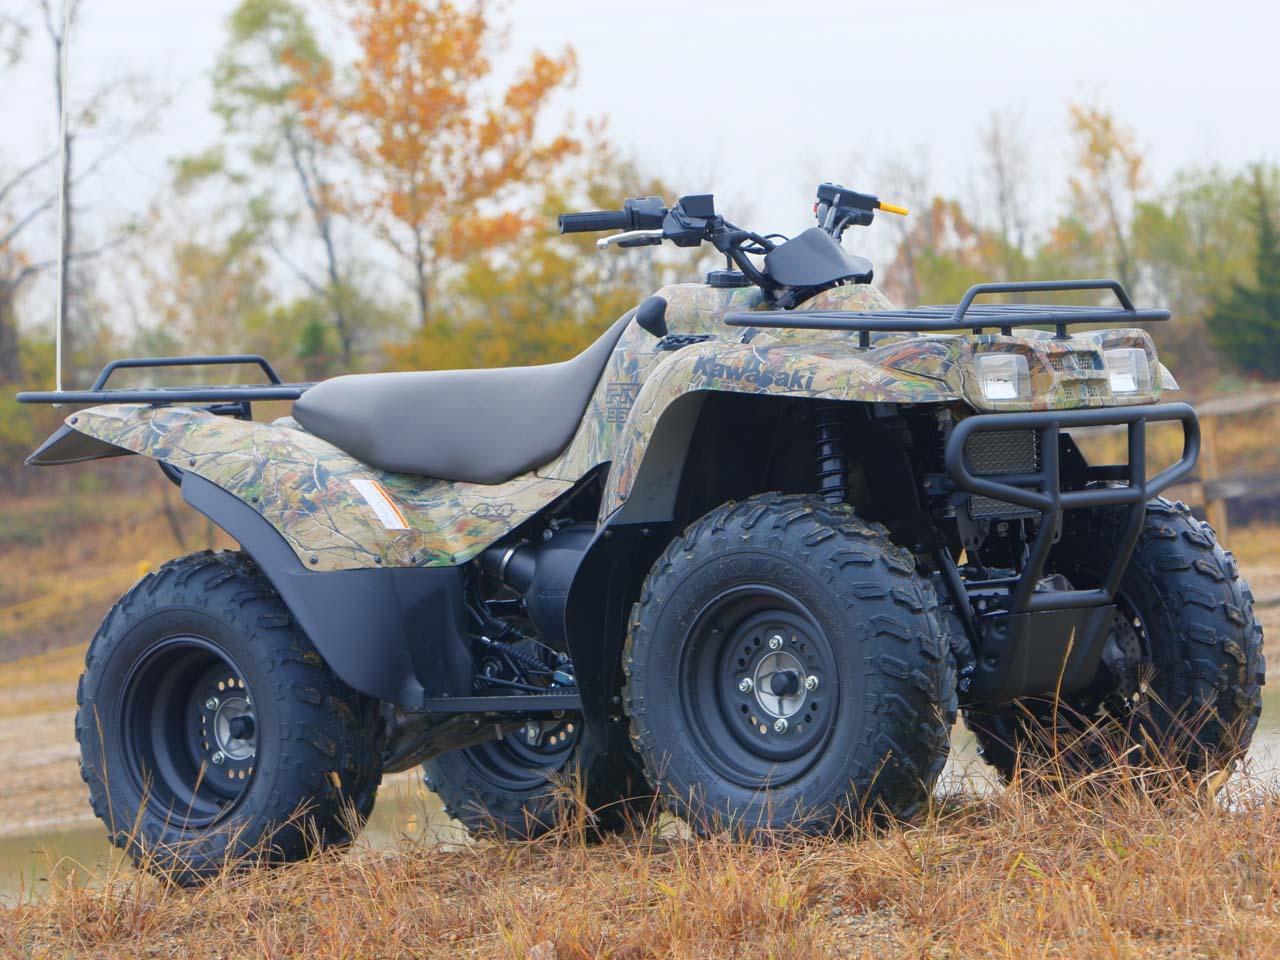 The 2010 Kawasaki Prairie 360 4X4 | ATV Illustrated